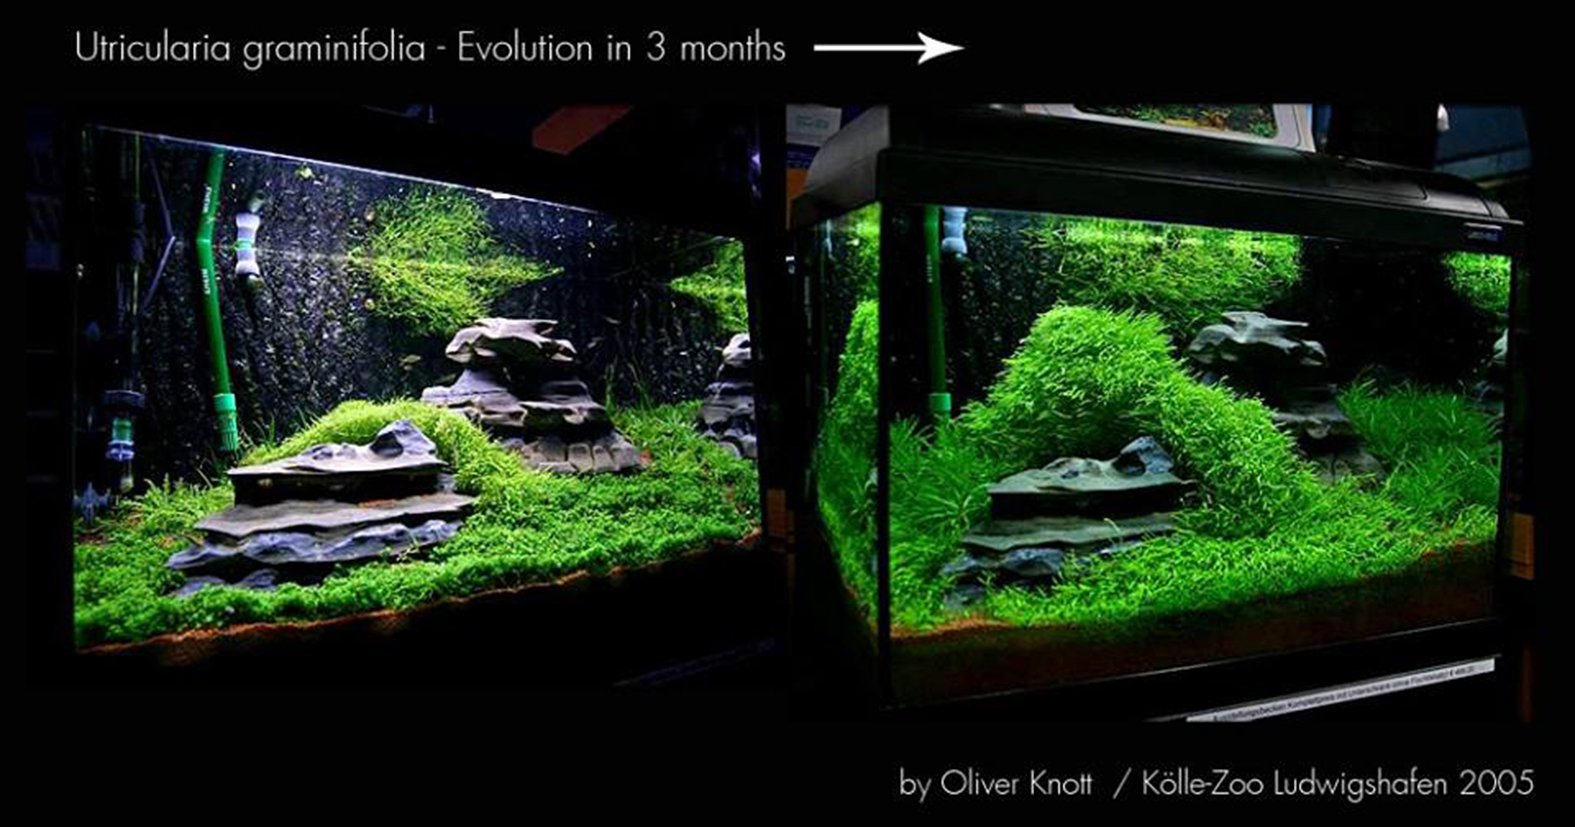 Oliver Knott Aquascaping 28 Images Oliver Knott